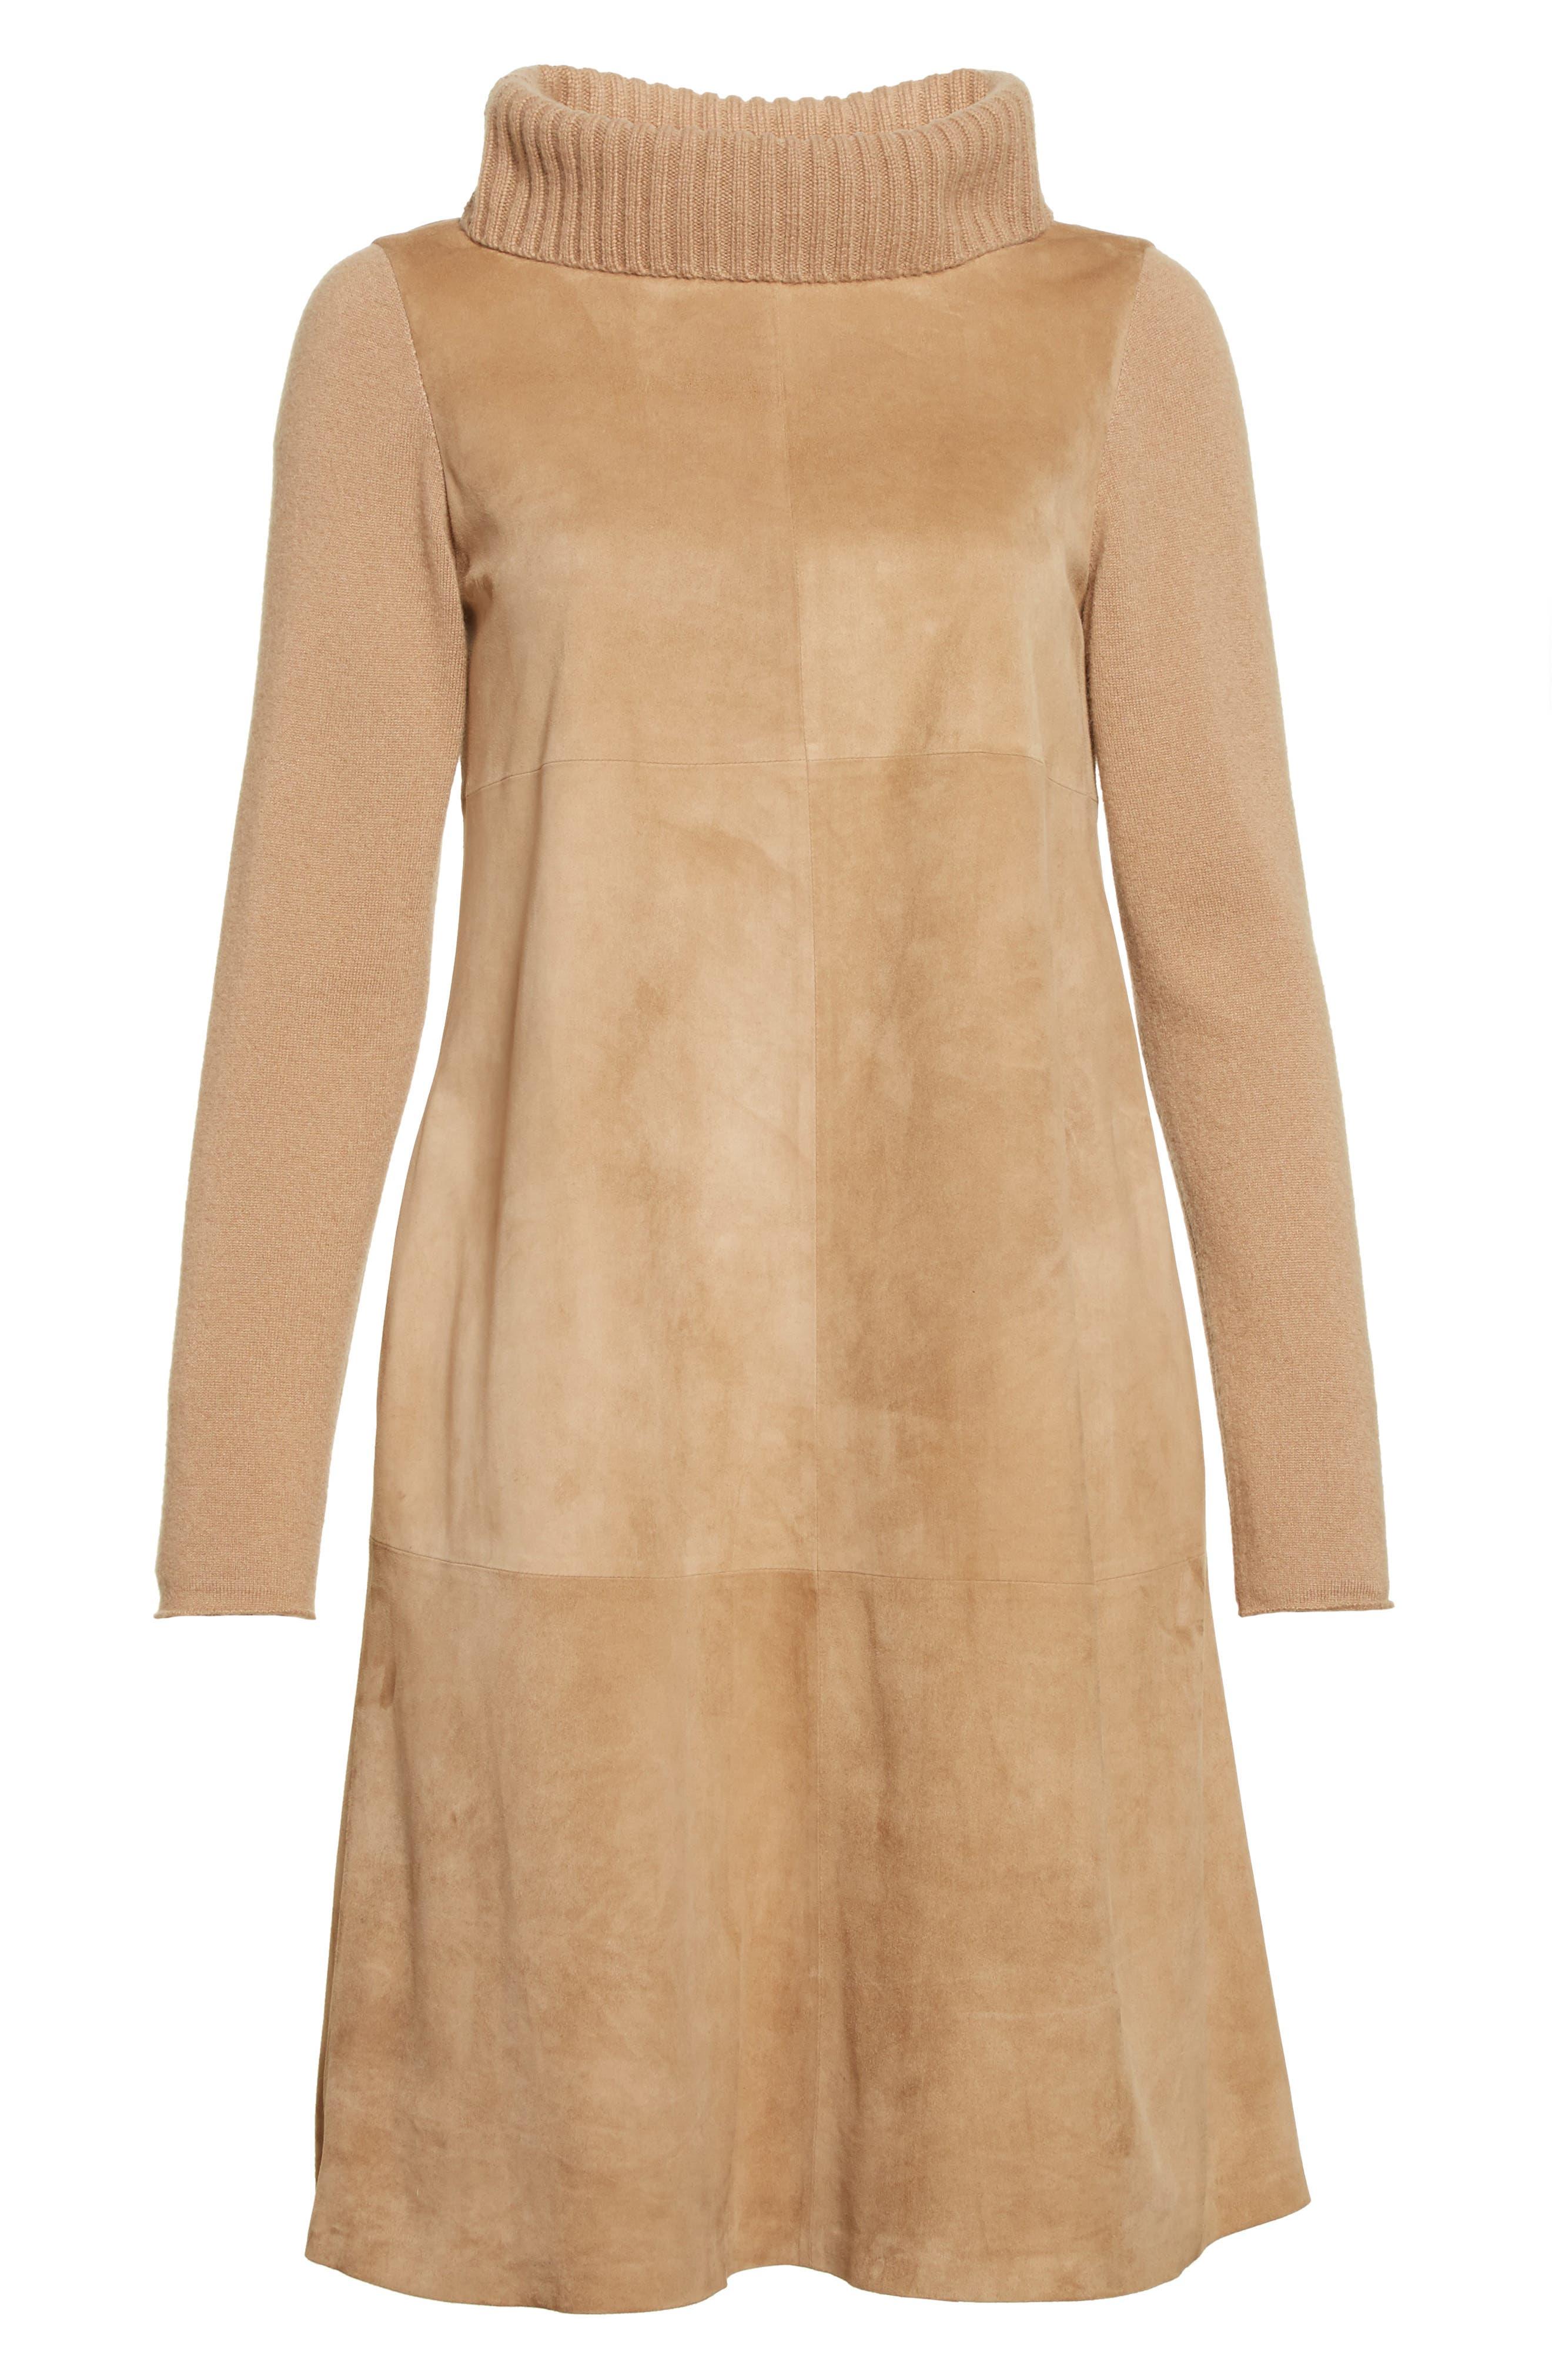 Suede & Cashmere Dress,                             Alternate thumbnail 4, color,                             Camel